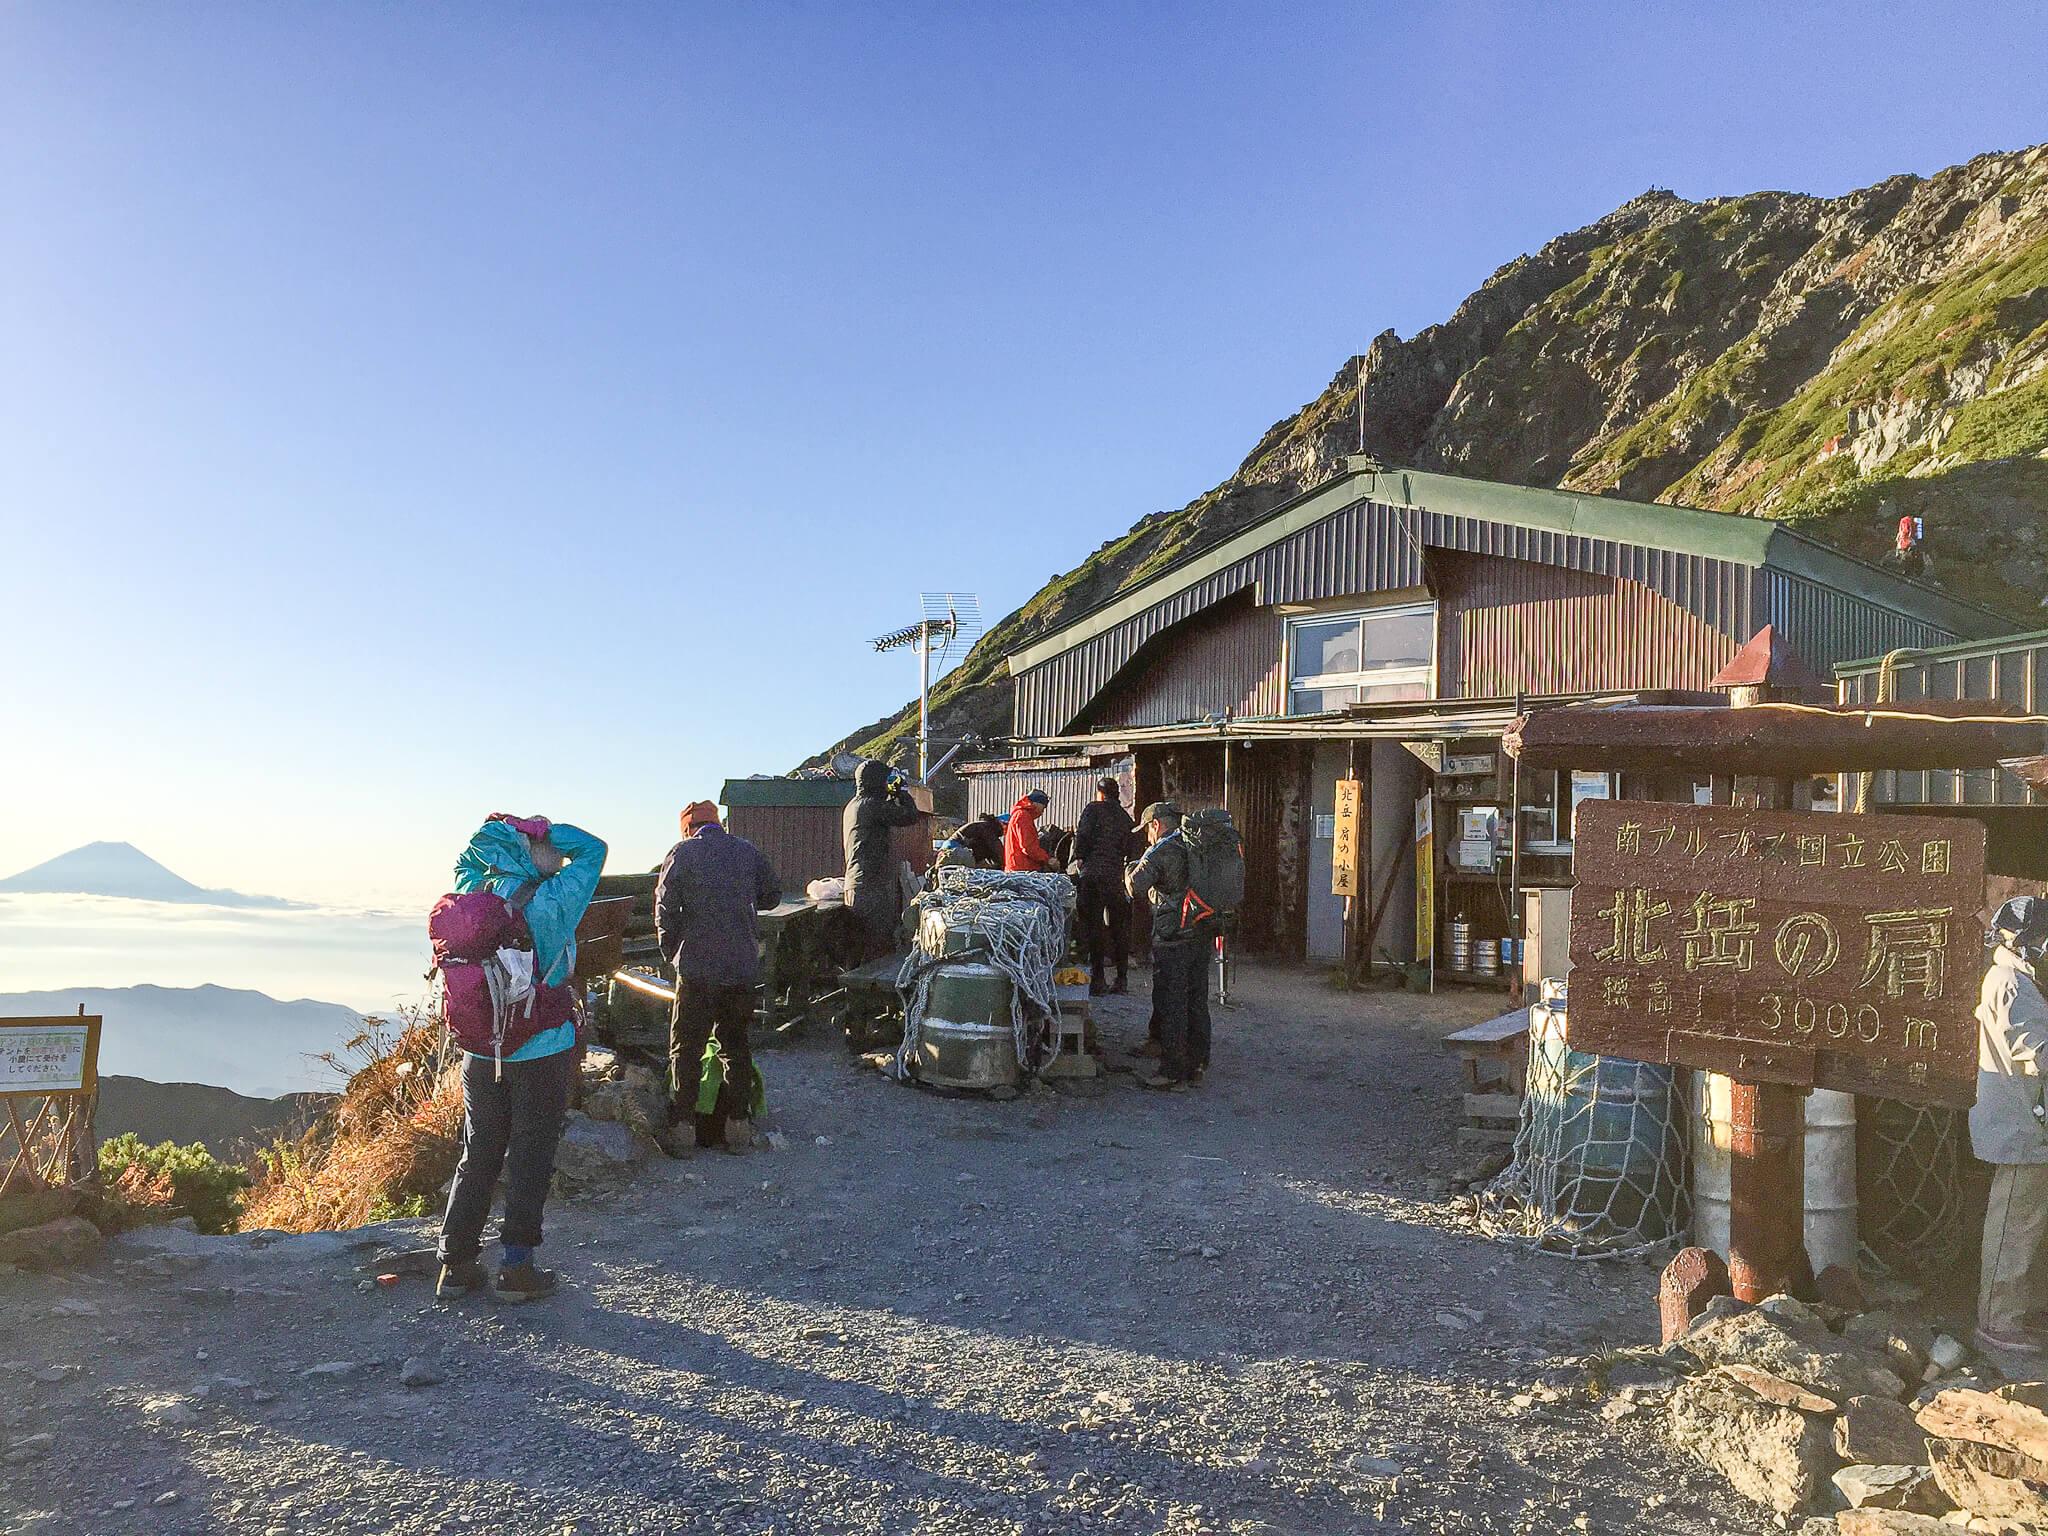 北岳・北岳肩ノ小屋と富士山